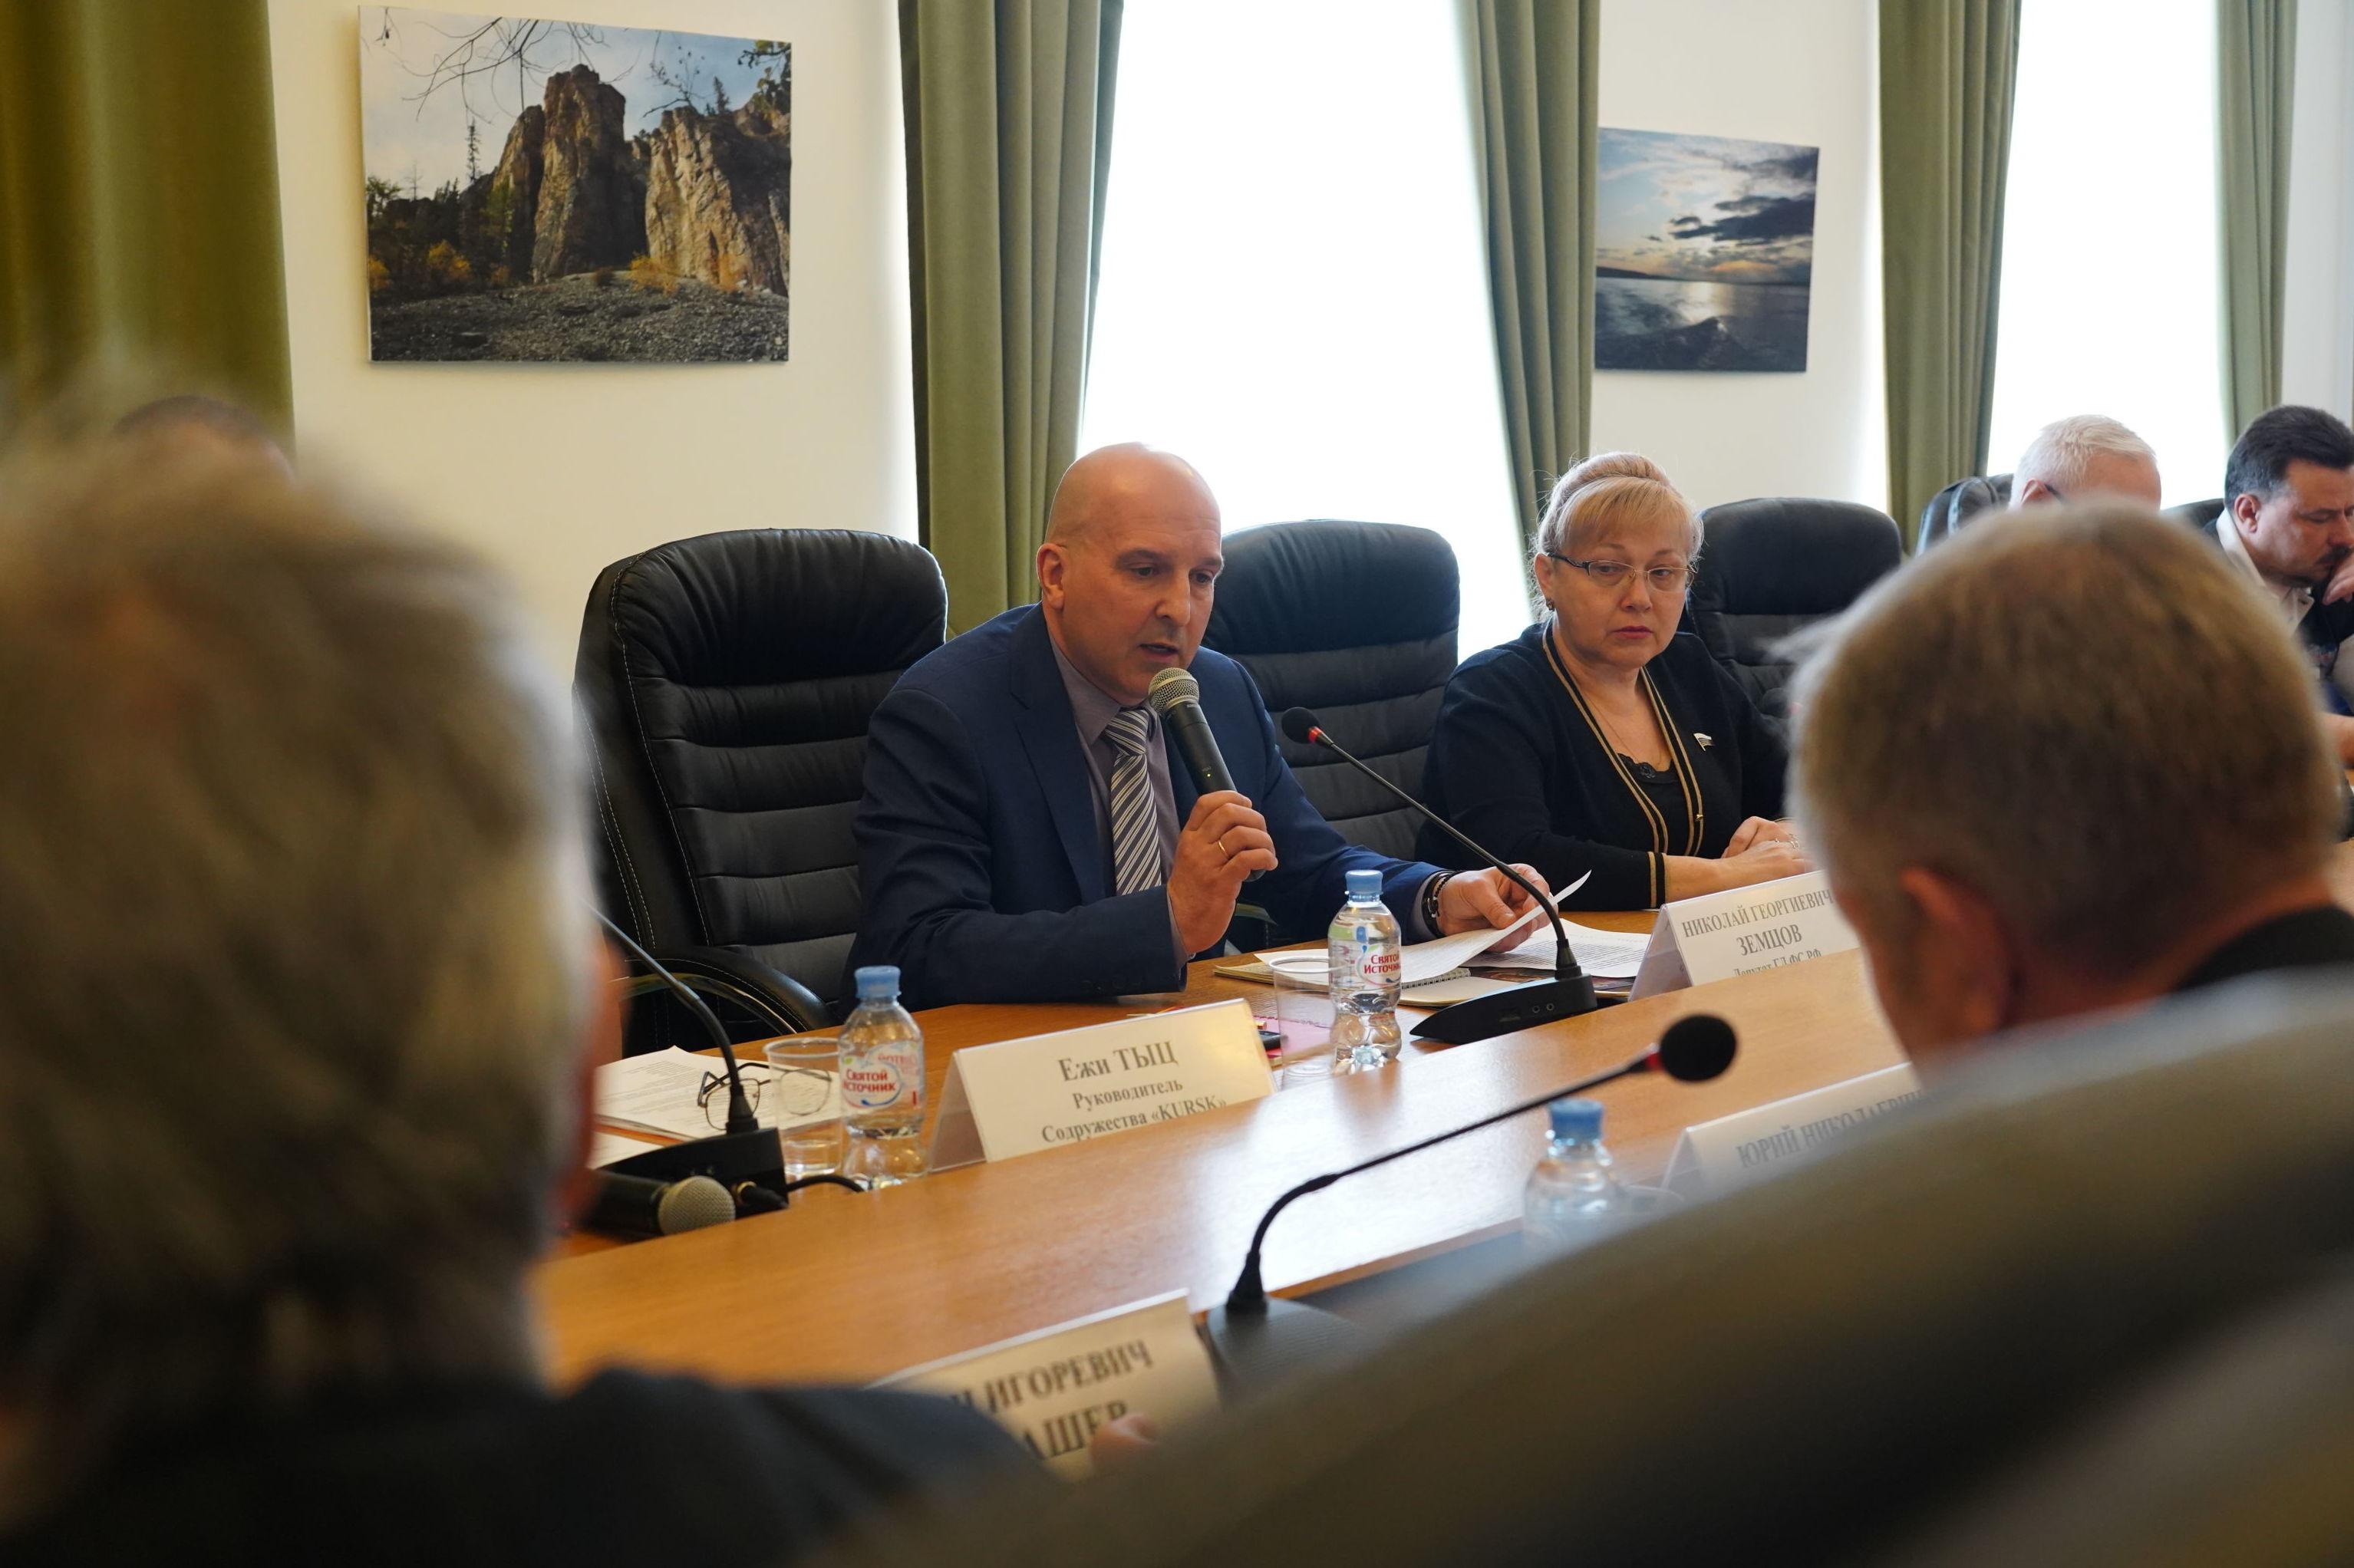 Rosyjscy parlamentarzyści dyskutują na temat zniszczenia mauzoleum w Trzciance